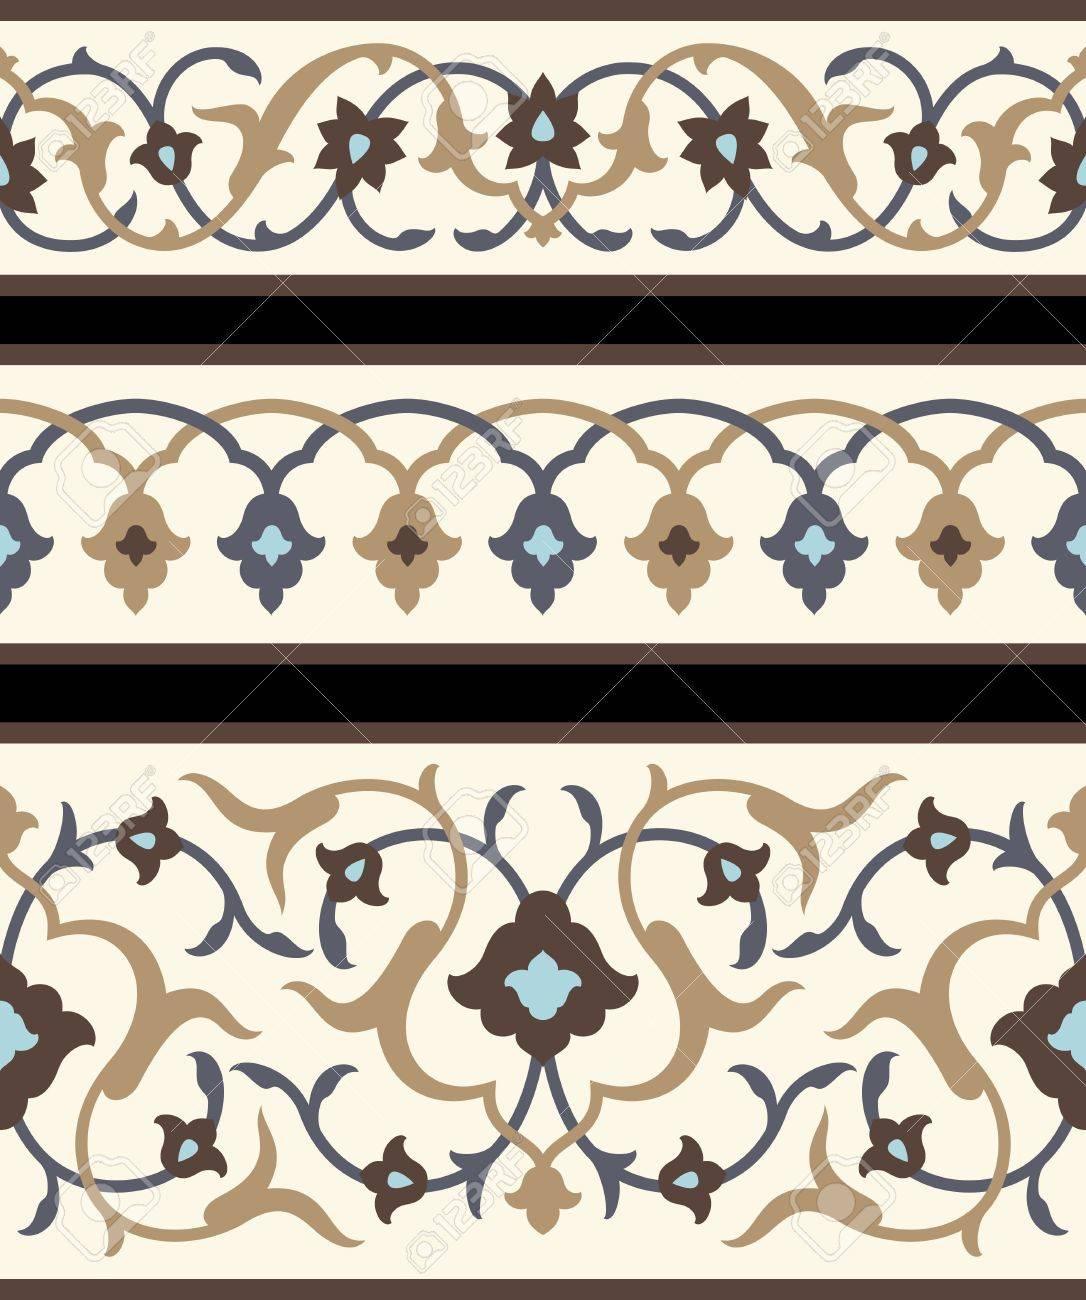 Tile Border Patterns - Cintinel.com